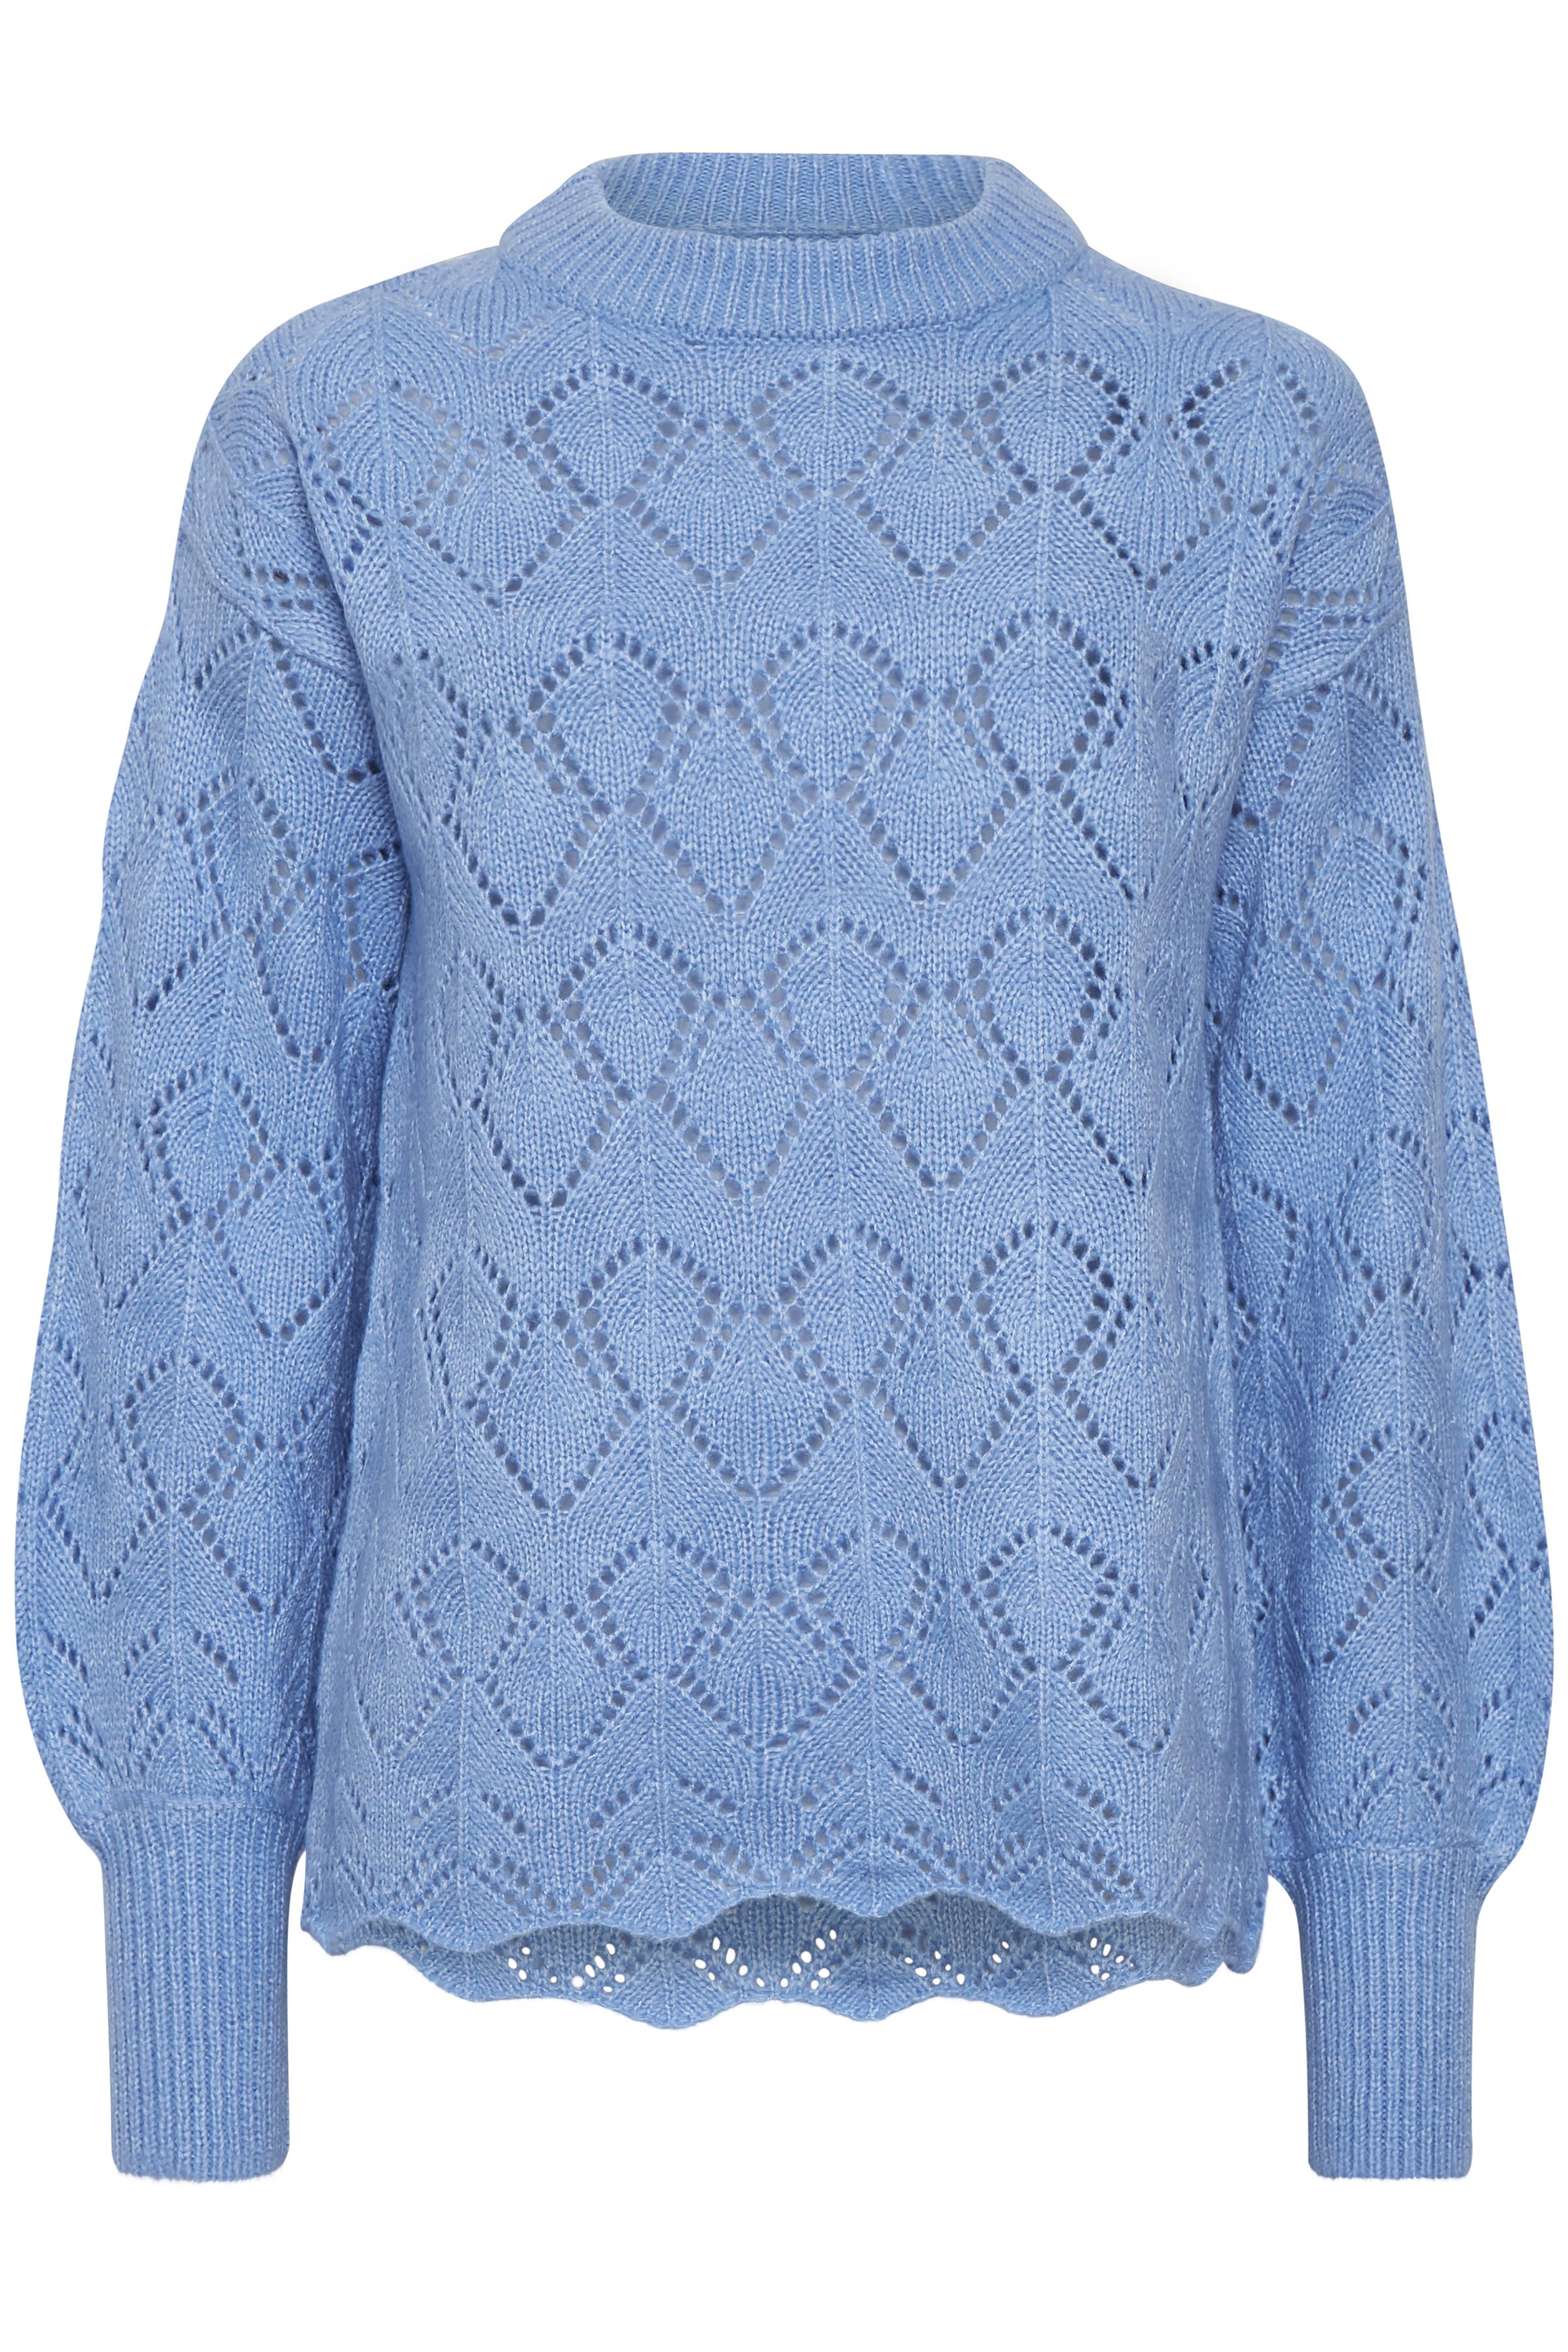 Cornflower Blue Mel. Strikket pullover fra b.young - Kjøp Cornflower Blue Mel. Strikket pullover fra størrelse XS-XXL her